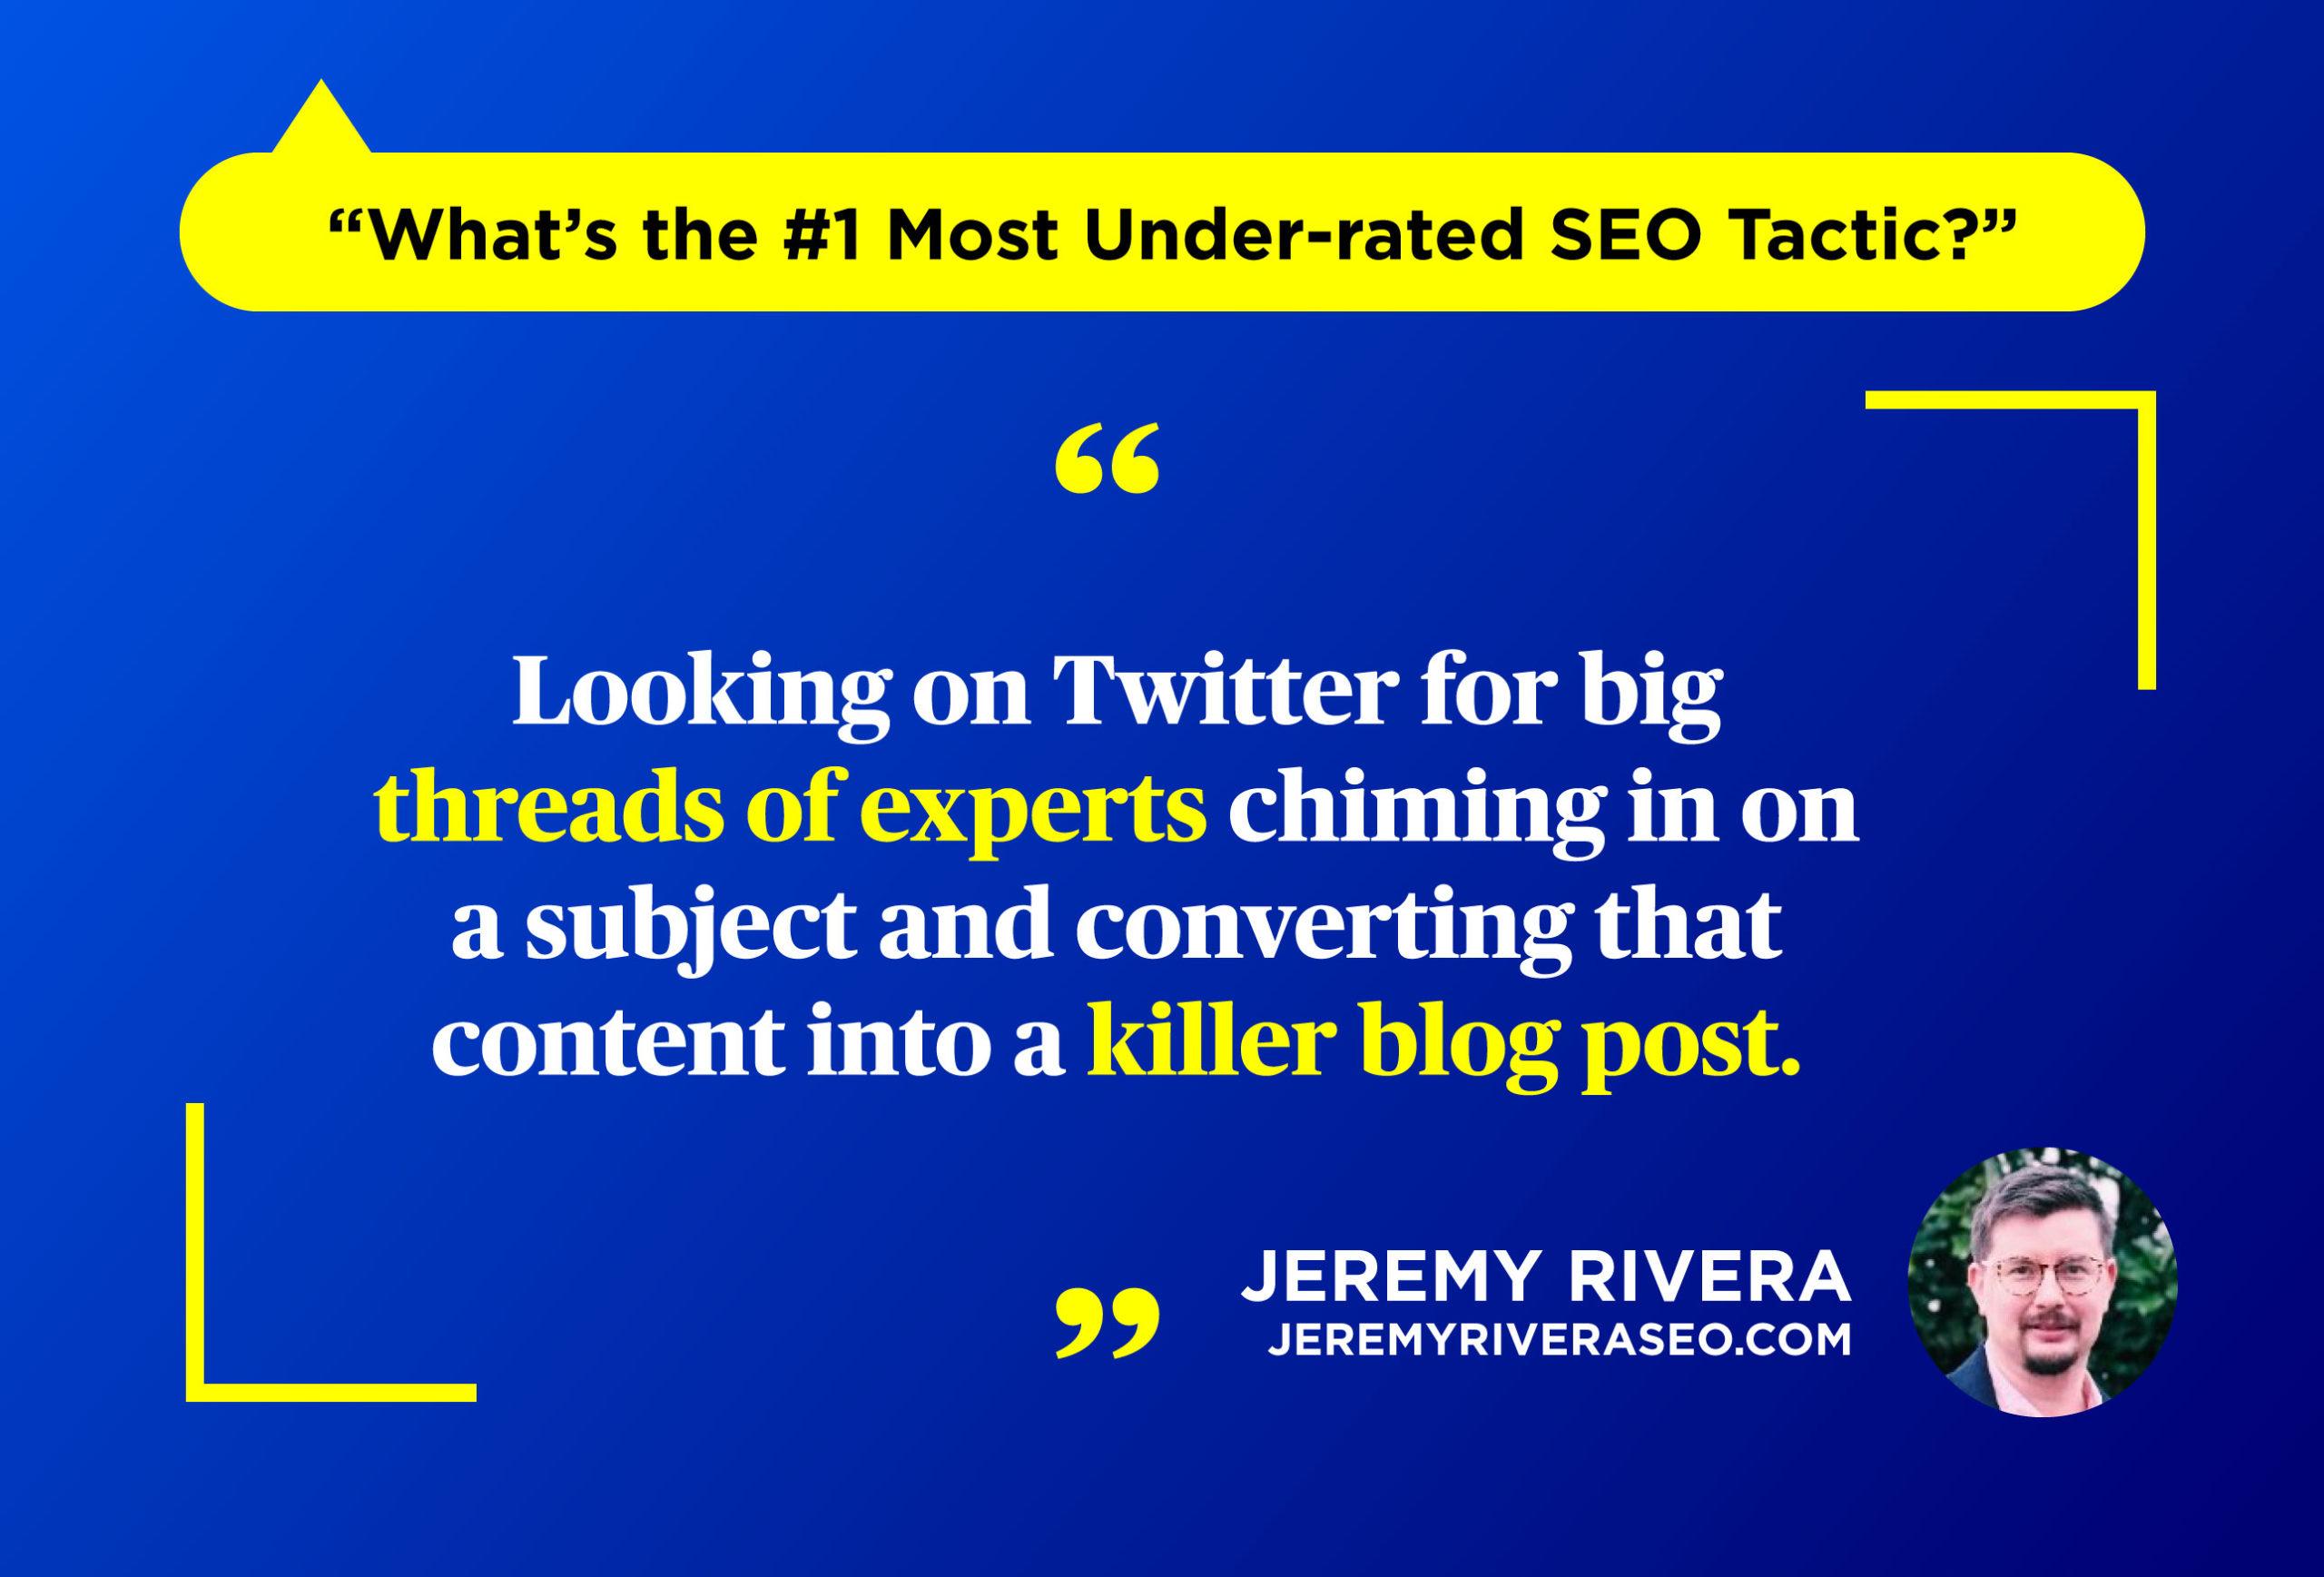 Jeremy Rivera - Underrated SEO Tactics